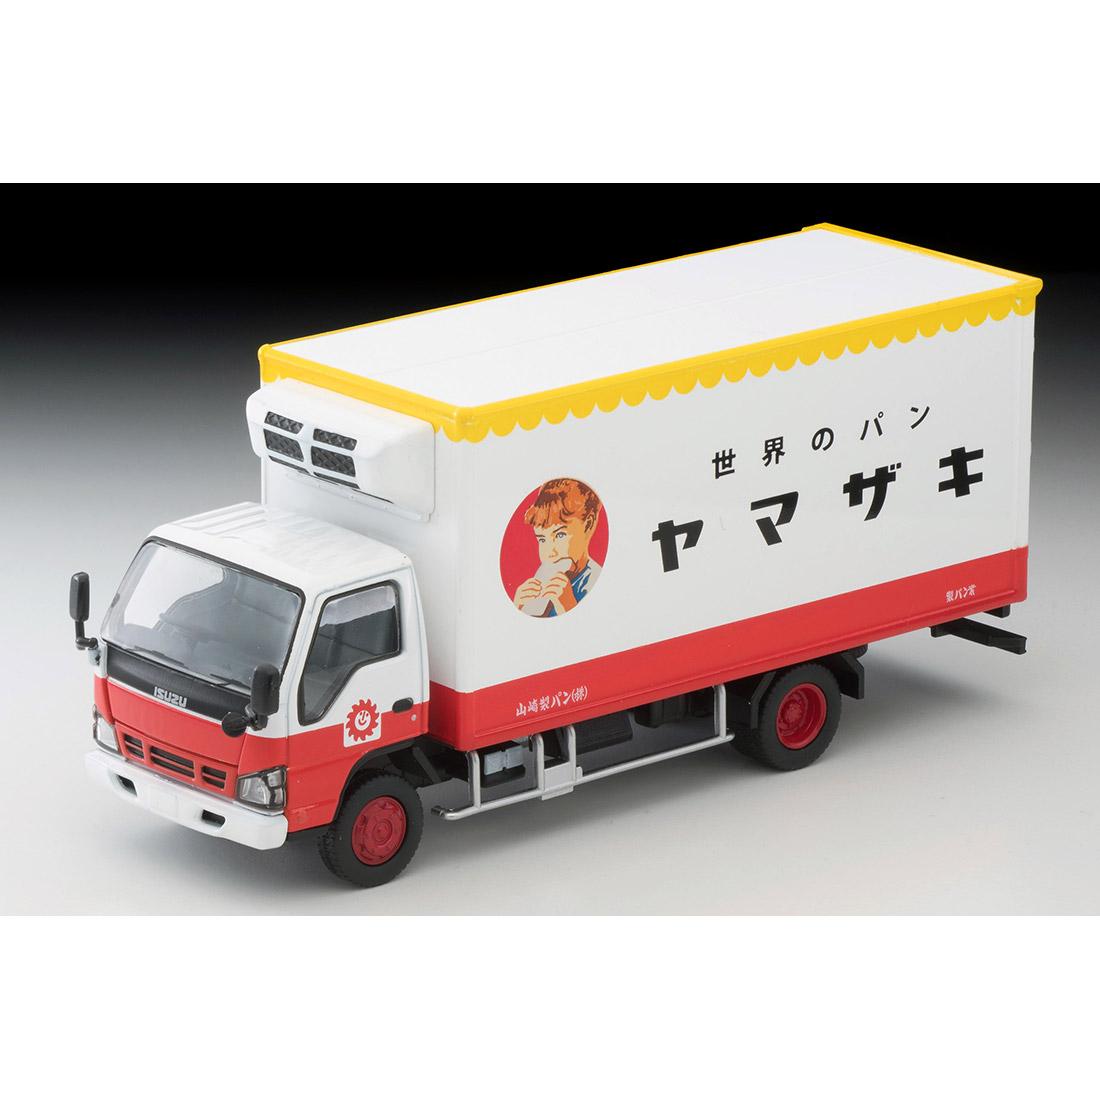 トミカリミテッドヴィンテージ ネオ LV-N195b『いすゞエルフ パネルバン(ヤマザキパン)』1/64 ミニカー-002